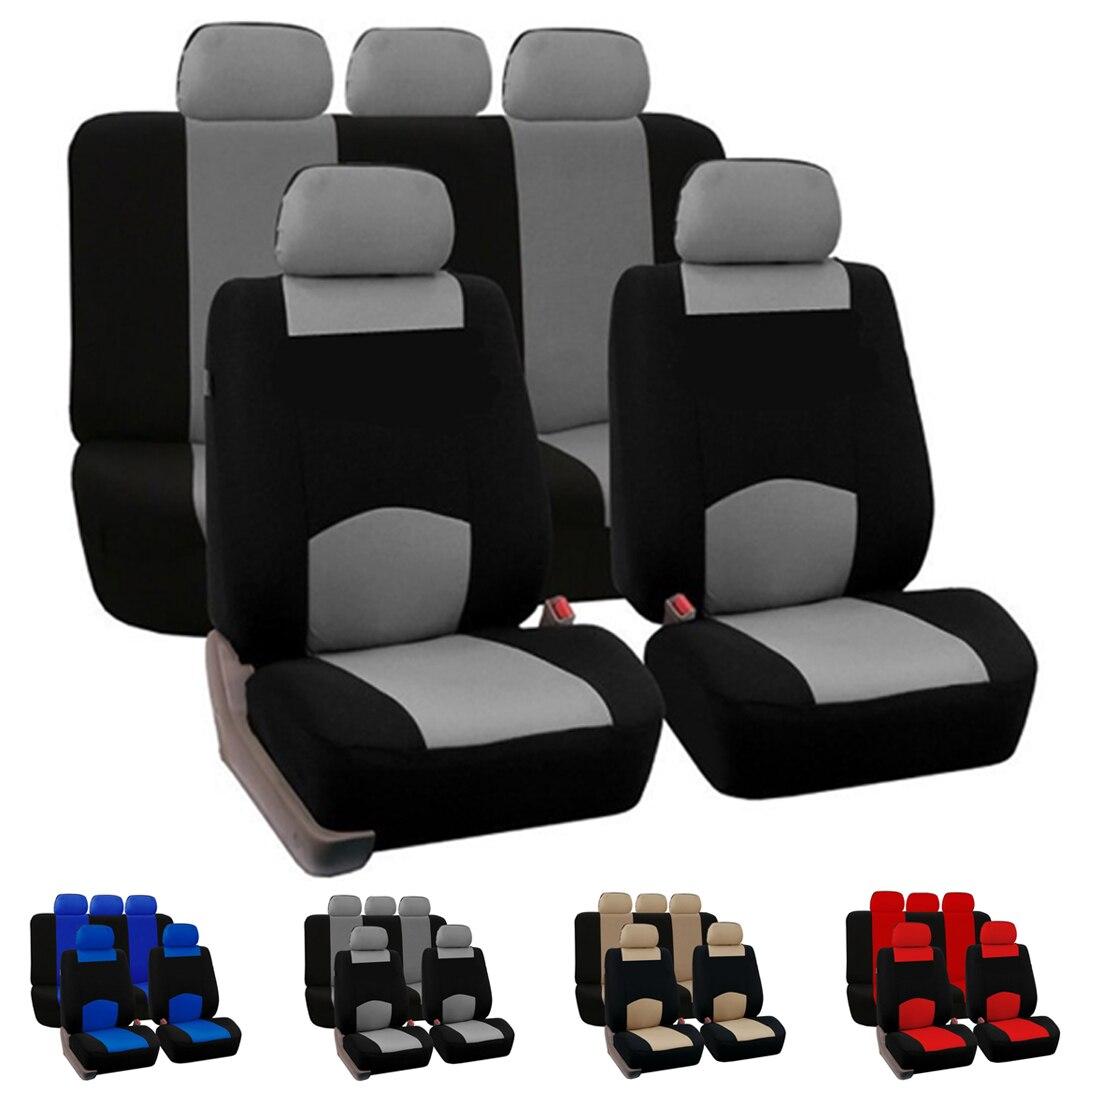 Dewtreetali 4 шт./компл. 9 шт./компл. спереди и сзади сиденье автомобиля включает универсальный сиденье защитник Автокресло Чехлы для VW лада opel audi bmw